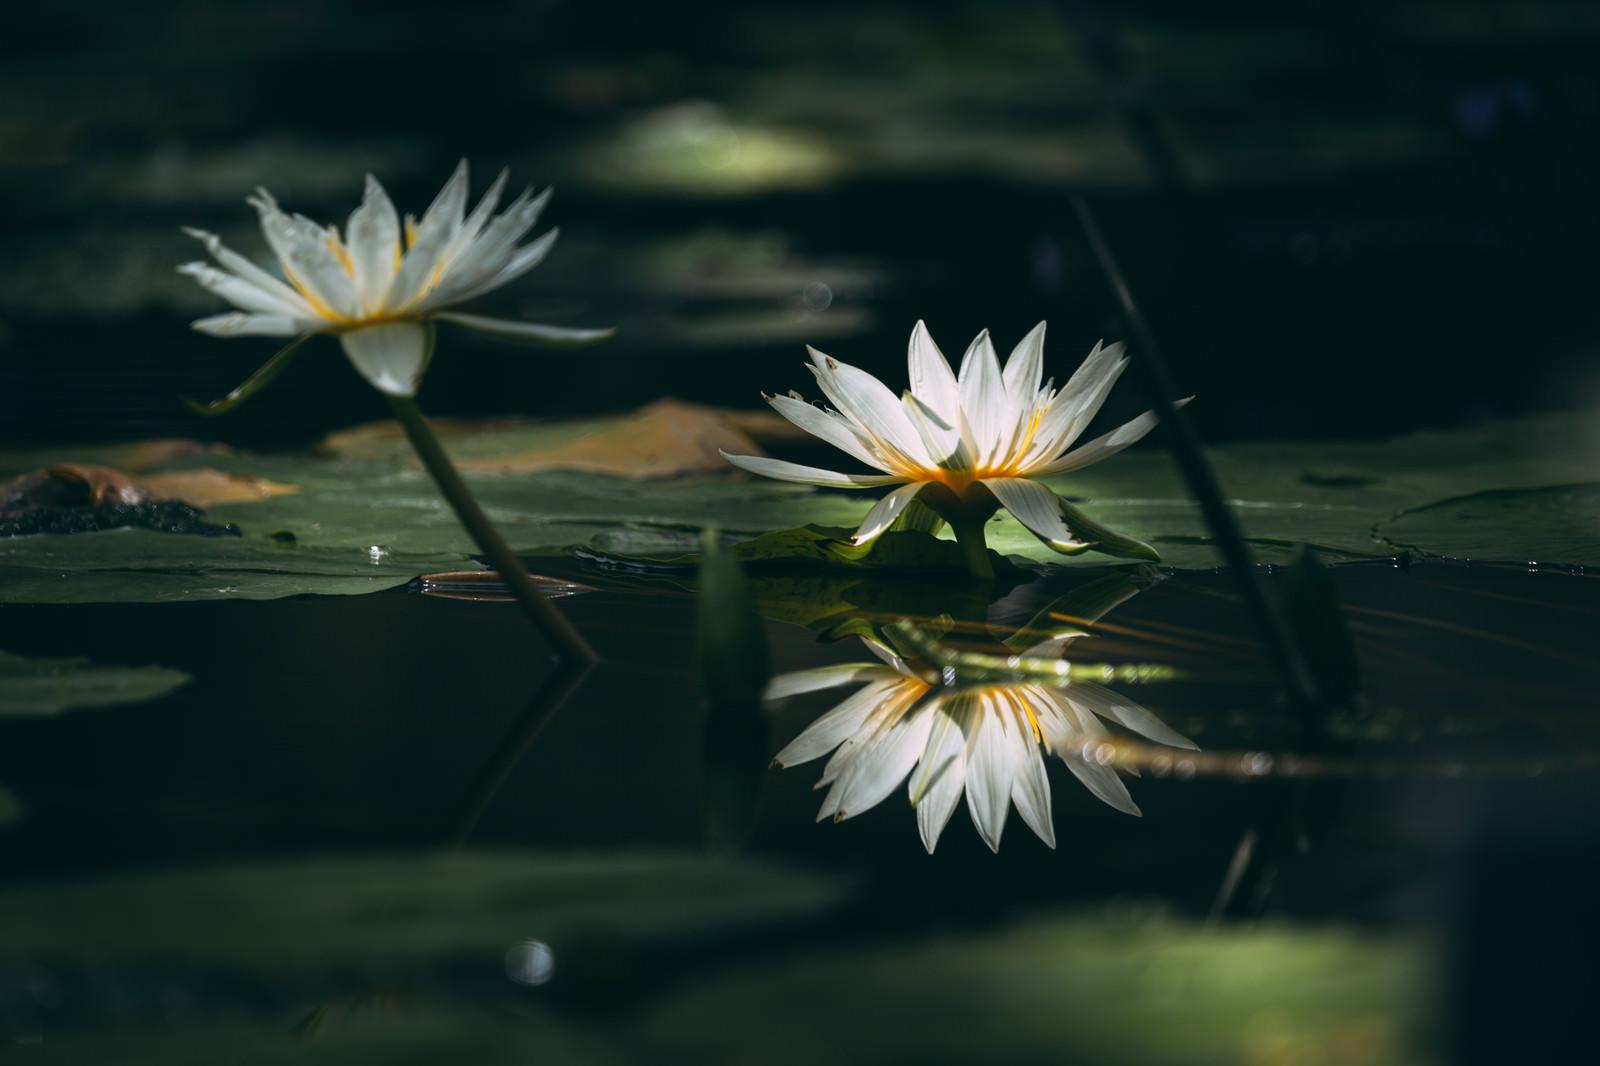 「二つ並んだ水面に映る睡蓮」の写真